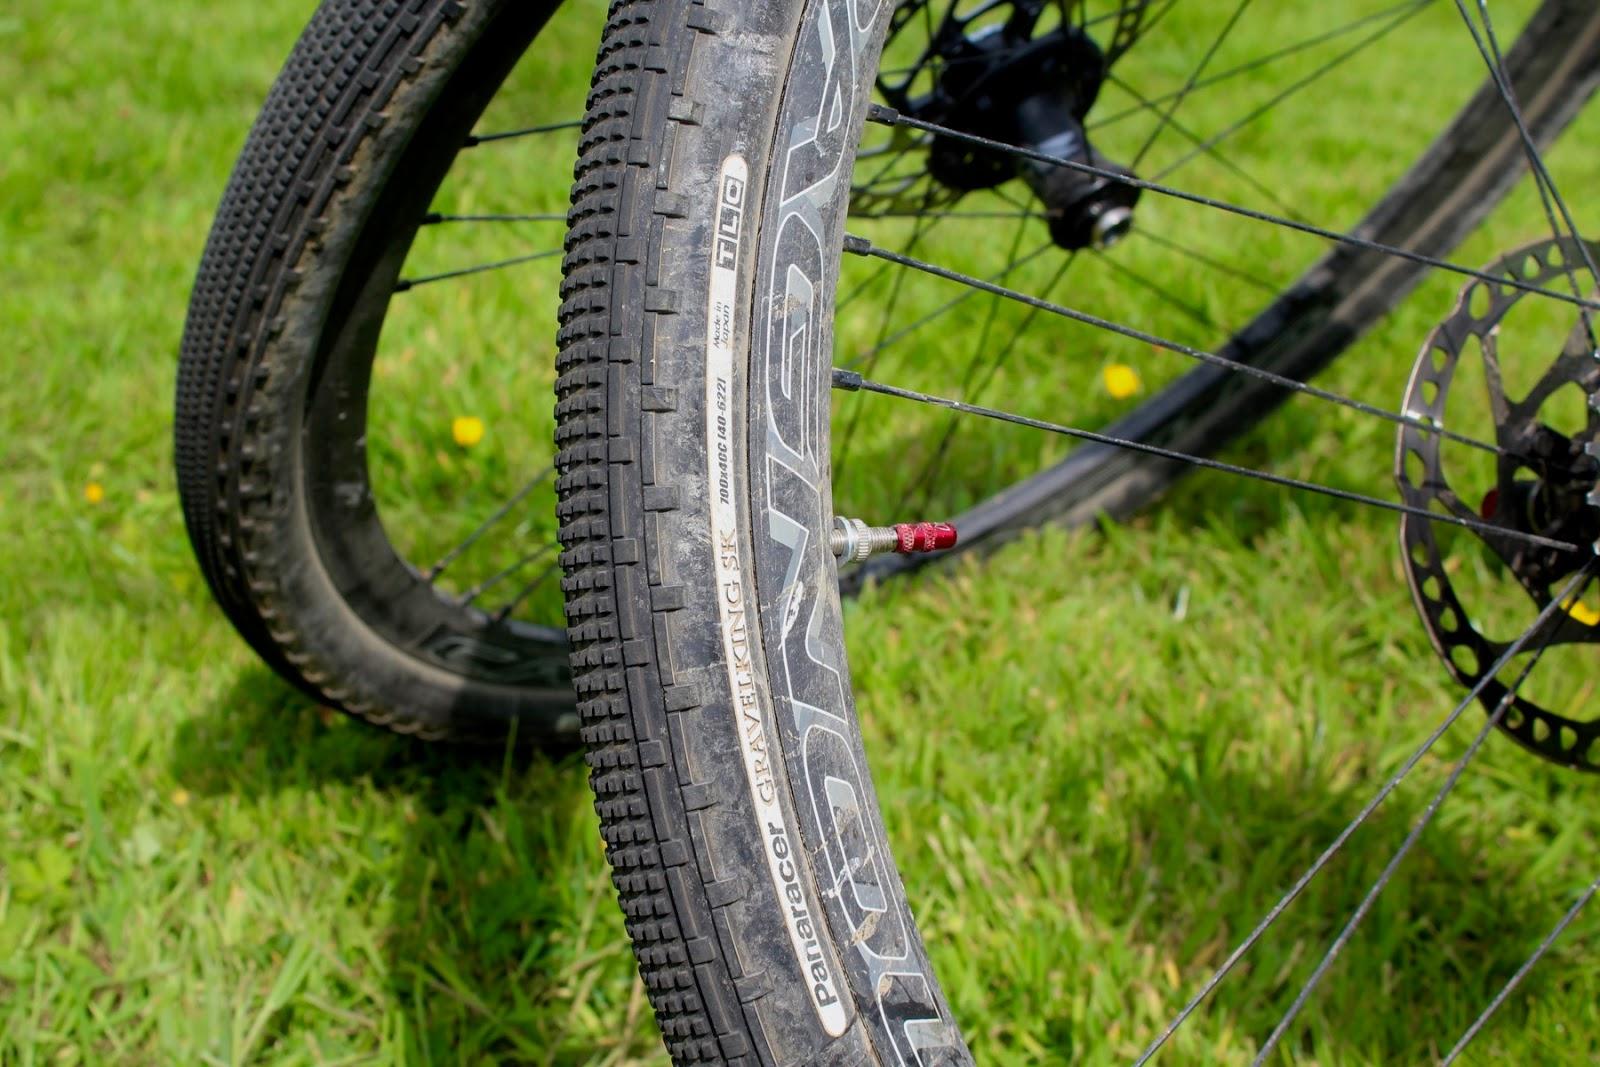 Review Panaracer Gravel King SK TLC Tubeless Gravel Tyres